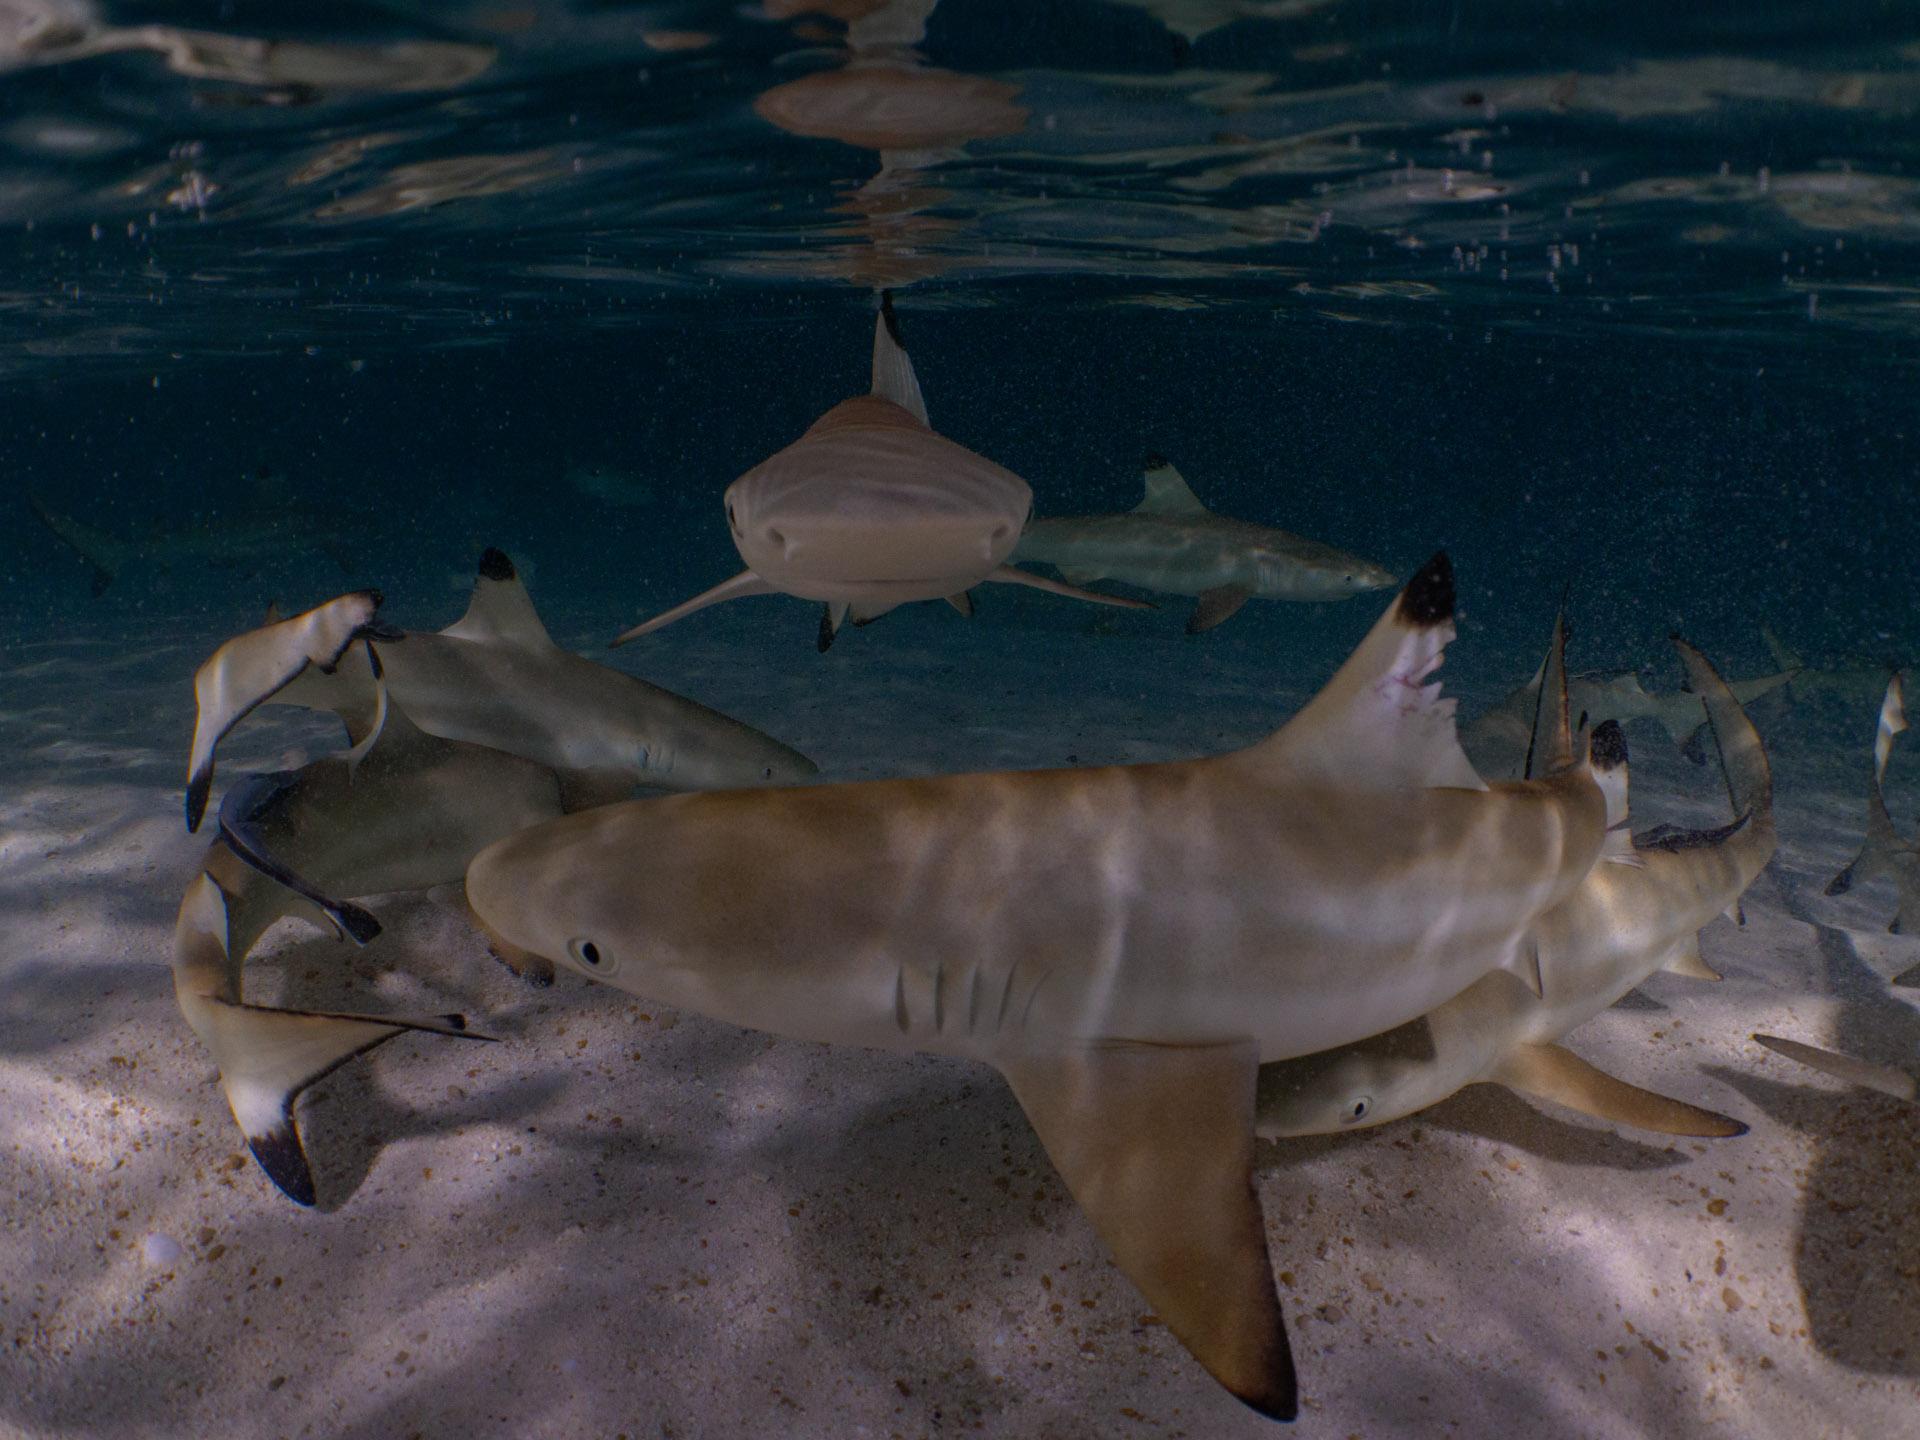 Many baby sharks